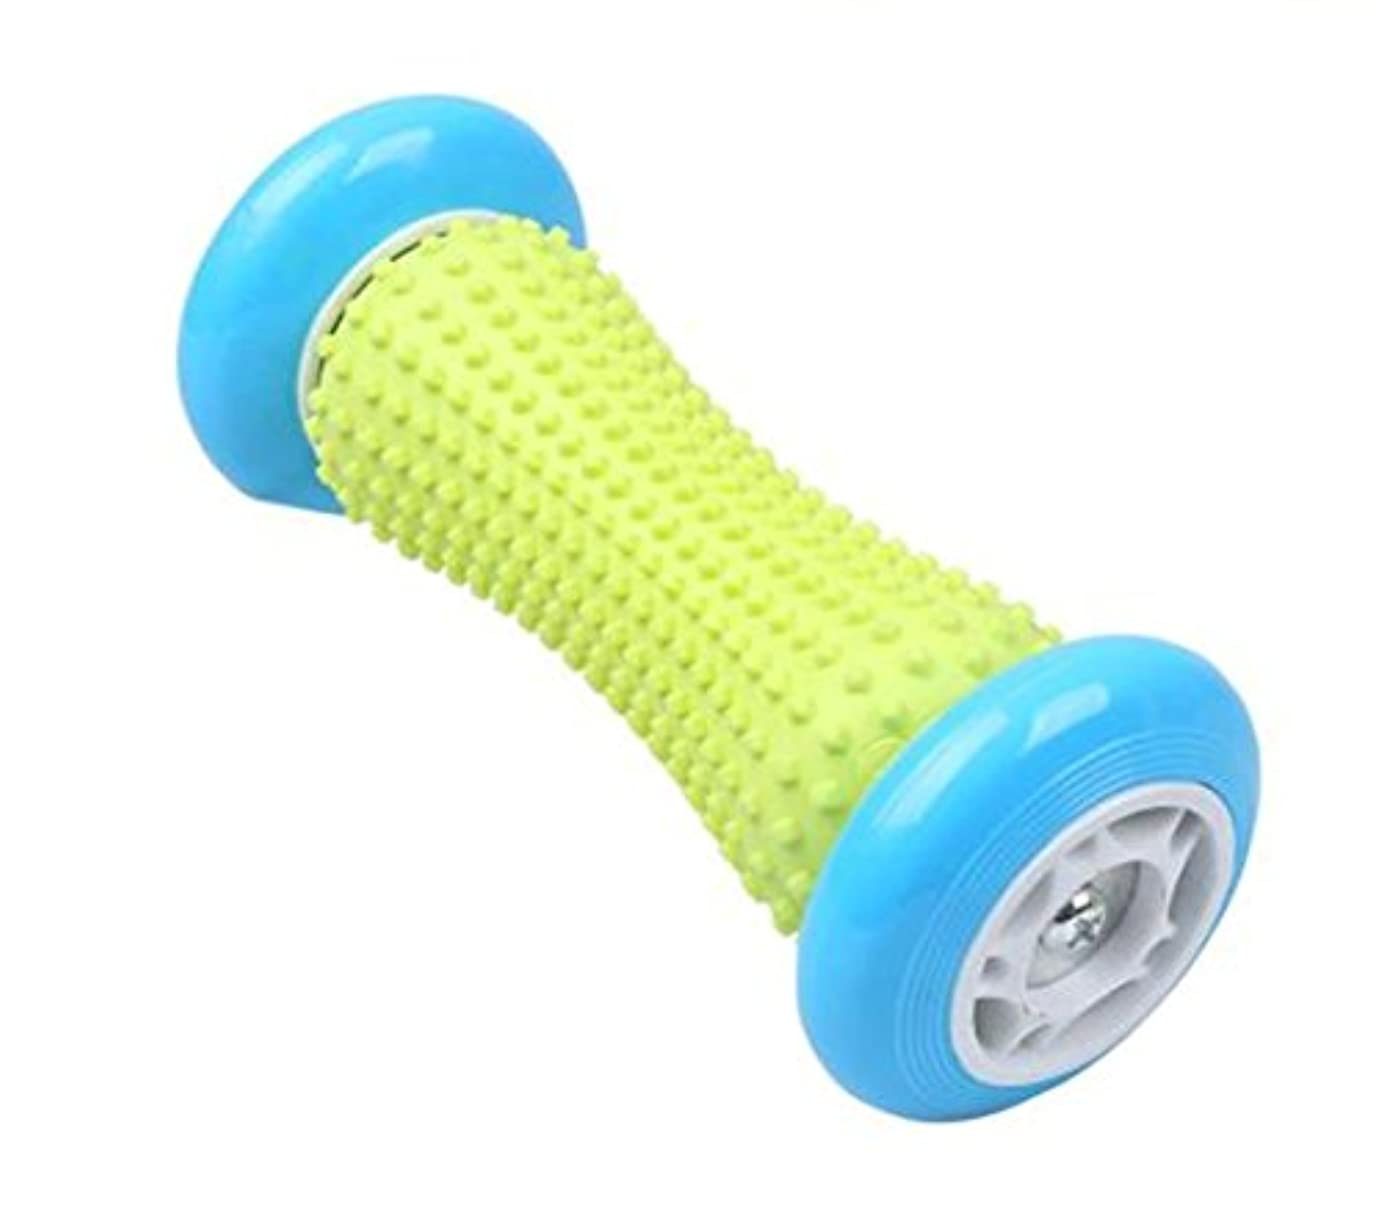 決めますしたい緩やかな[メディストーリー] Medi Story 足マッサージ ローラーインジケータ 海外直送品 (Foot Massage Roller Refresh) (Blue)